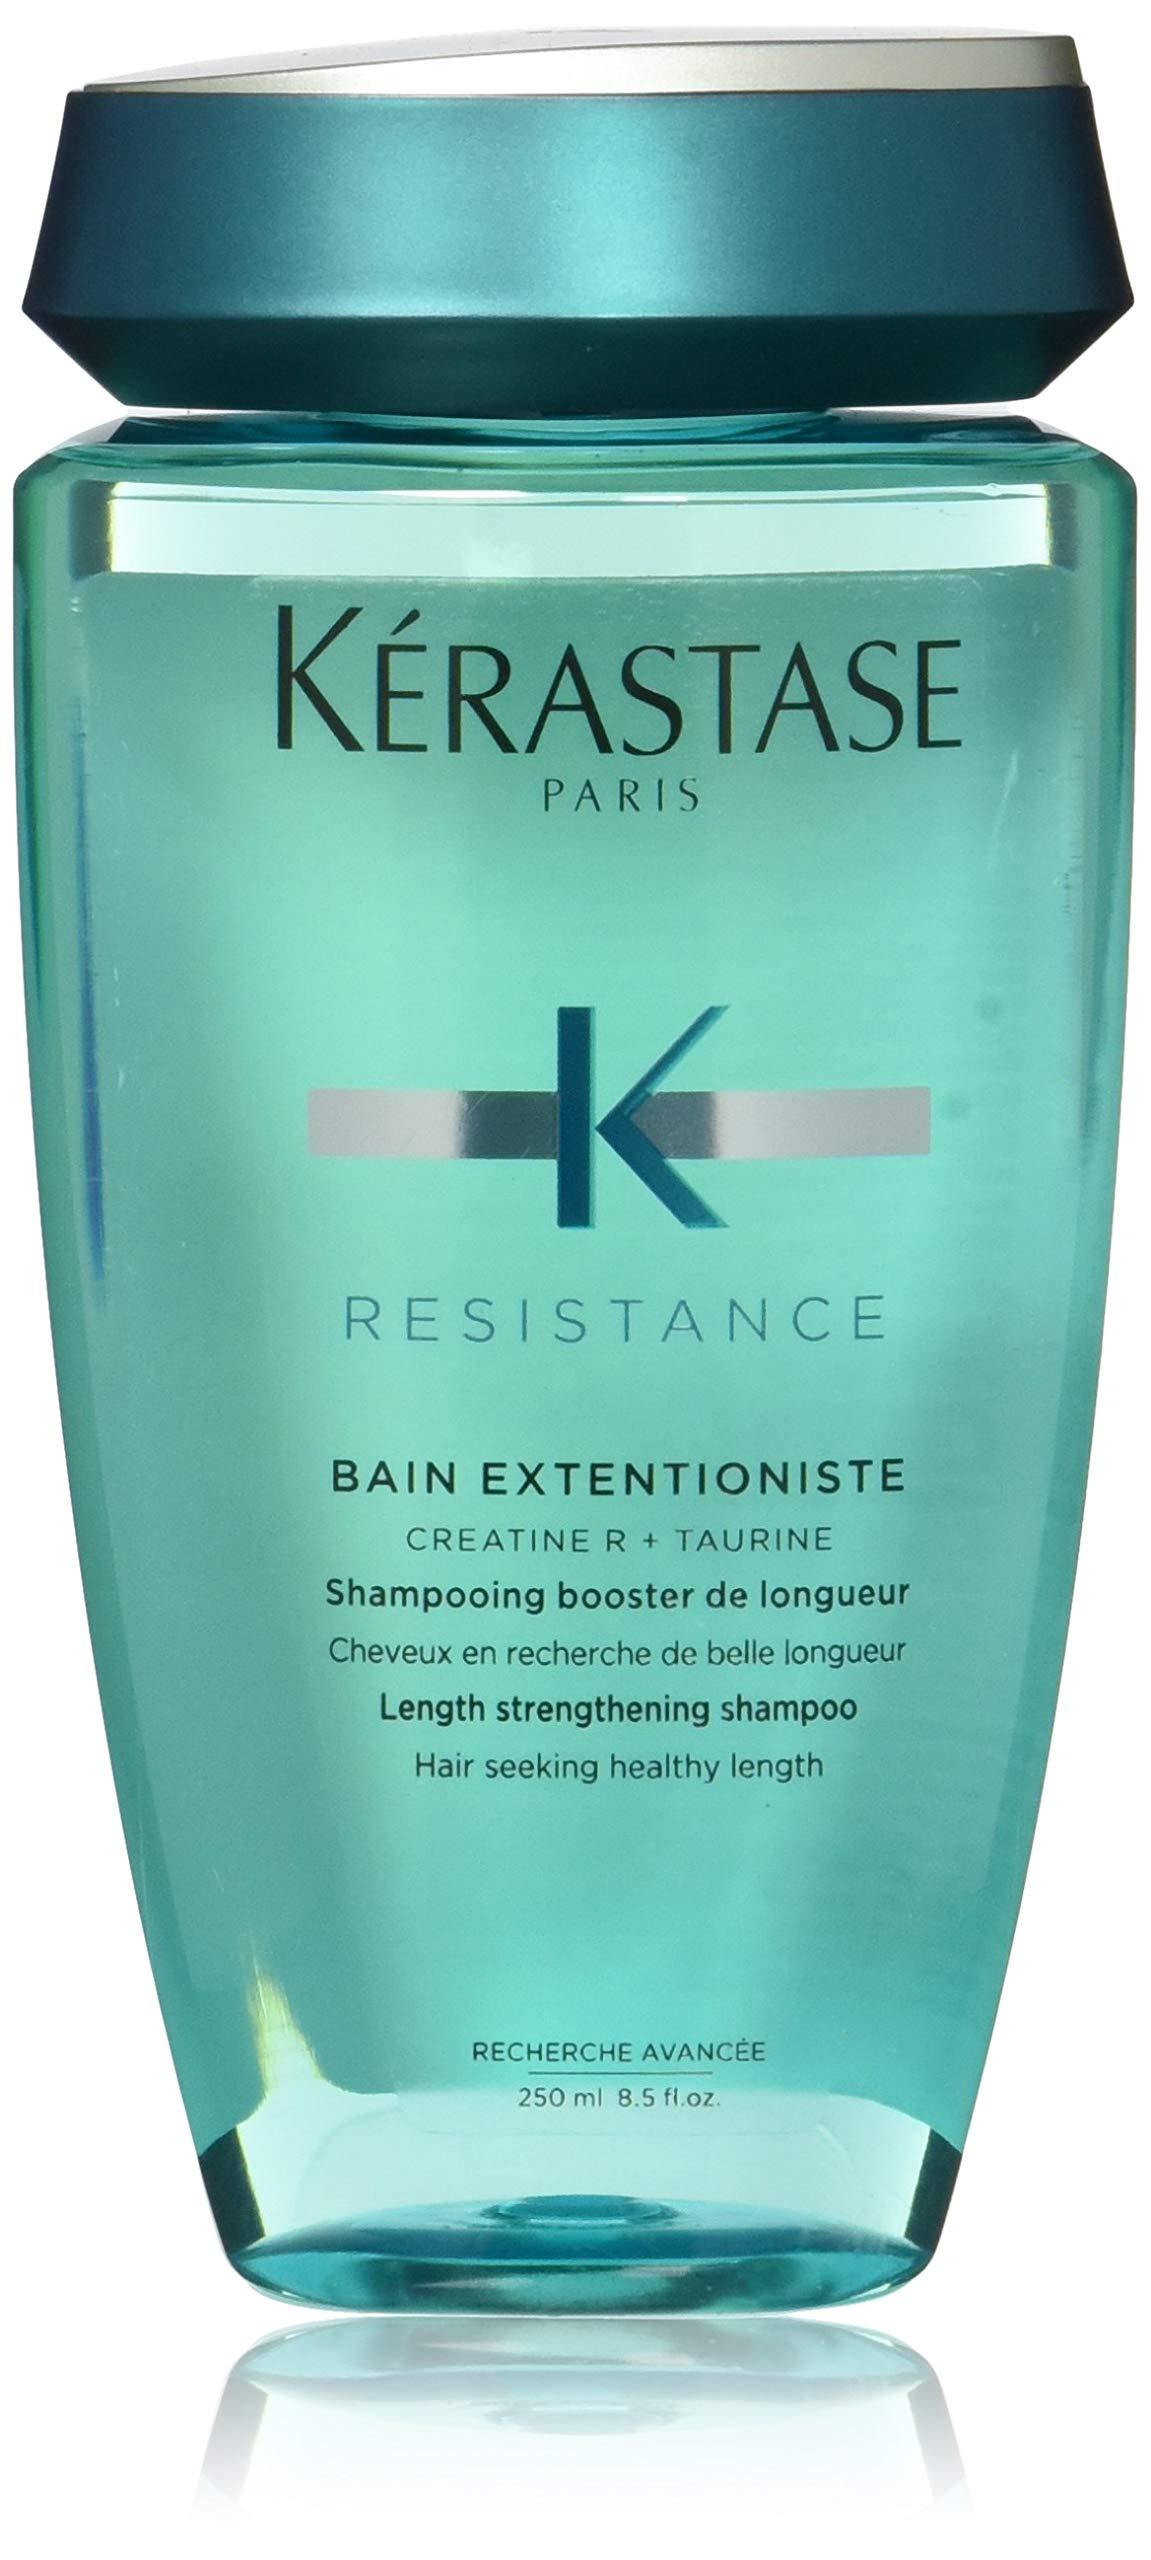 KERASTASE Bain Extentioniste, Lenght Strengthening Shampoo 8.5 oz, reg